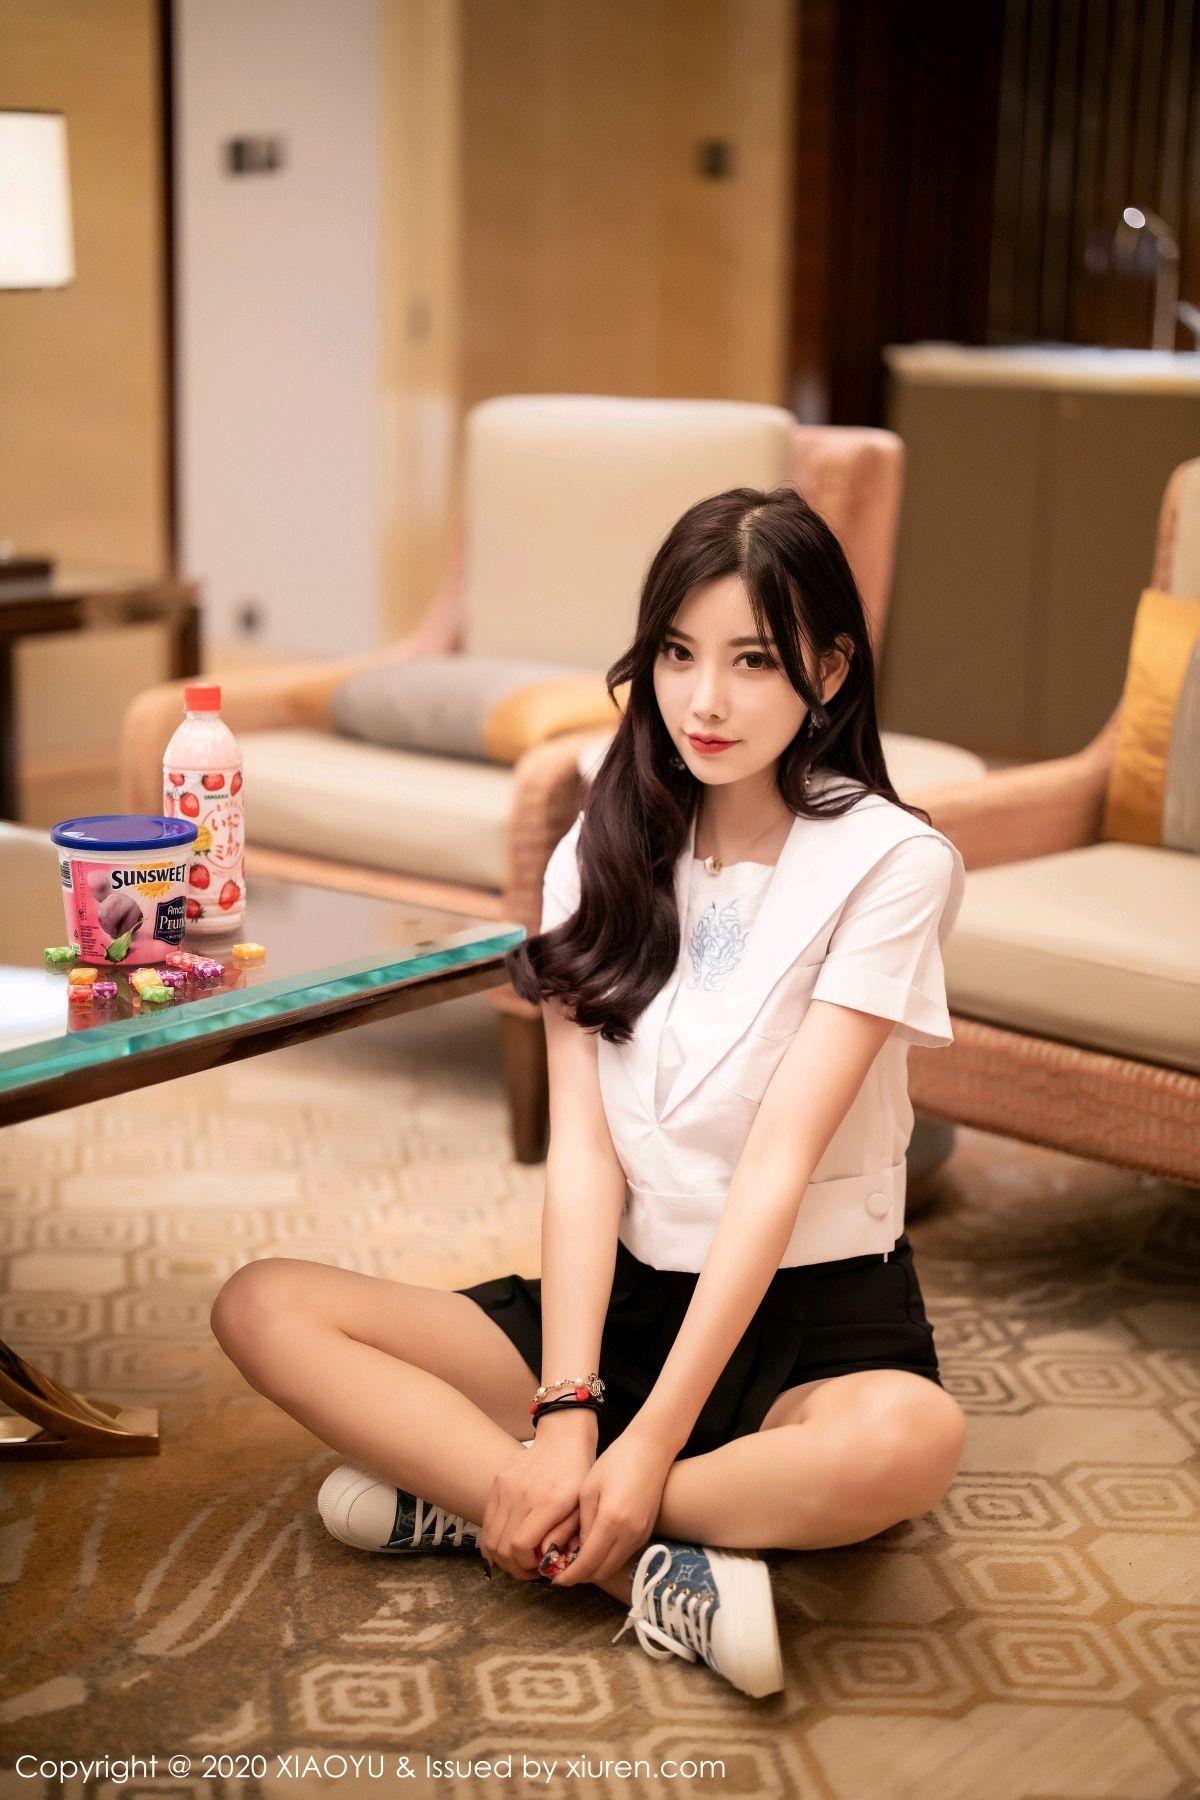 [XIAOYU] Vol.305 Yang Chen Chen 15P, Sexy, Underwear, Uniform, XiaoYu, Yang Chen Chen